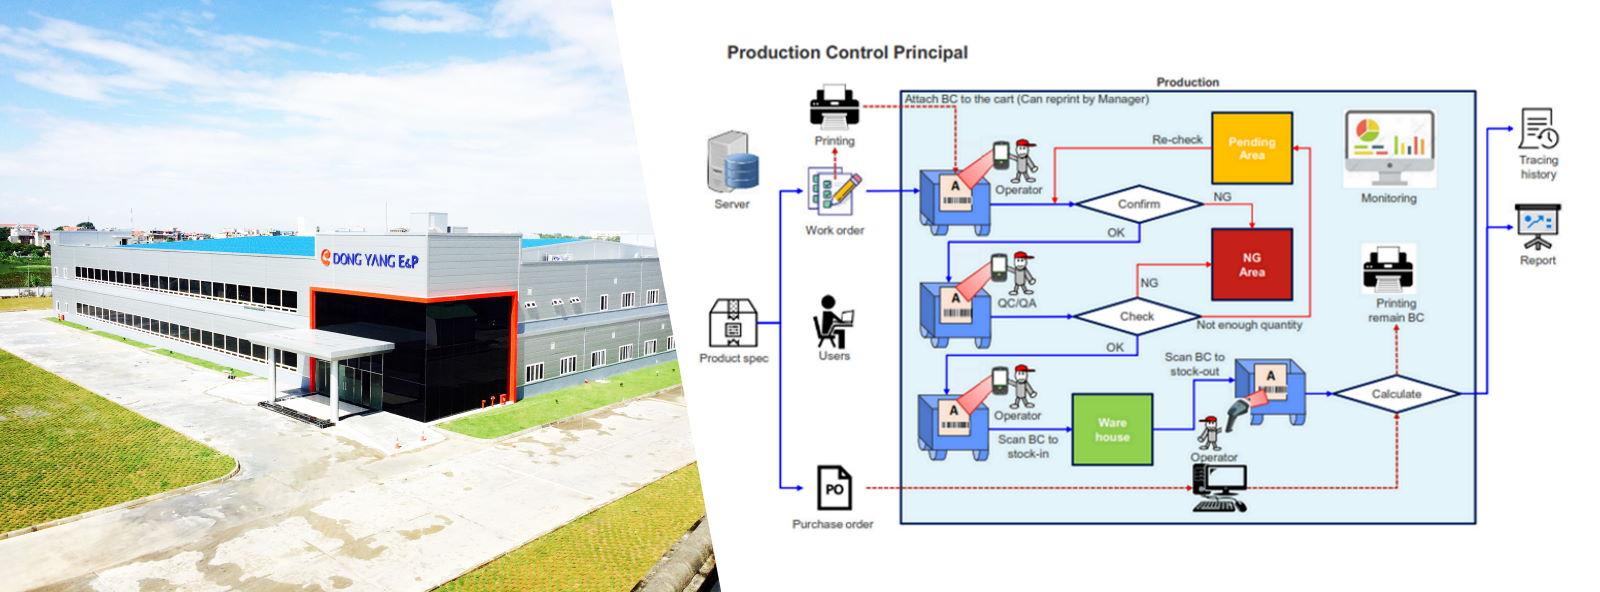 Hệ thống phần mềm mã vạch quản lý sản xuất Drying House cho công ty DongYang Hải Phòng